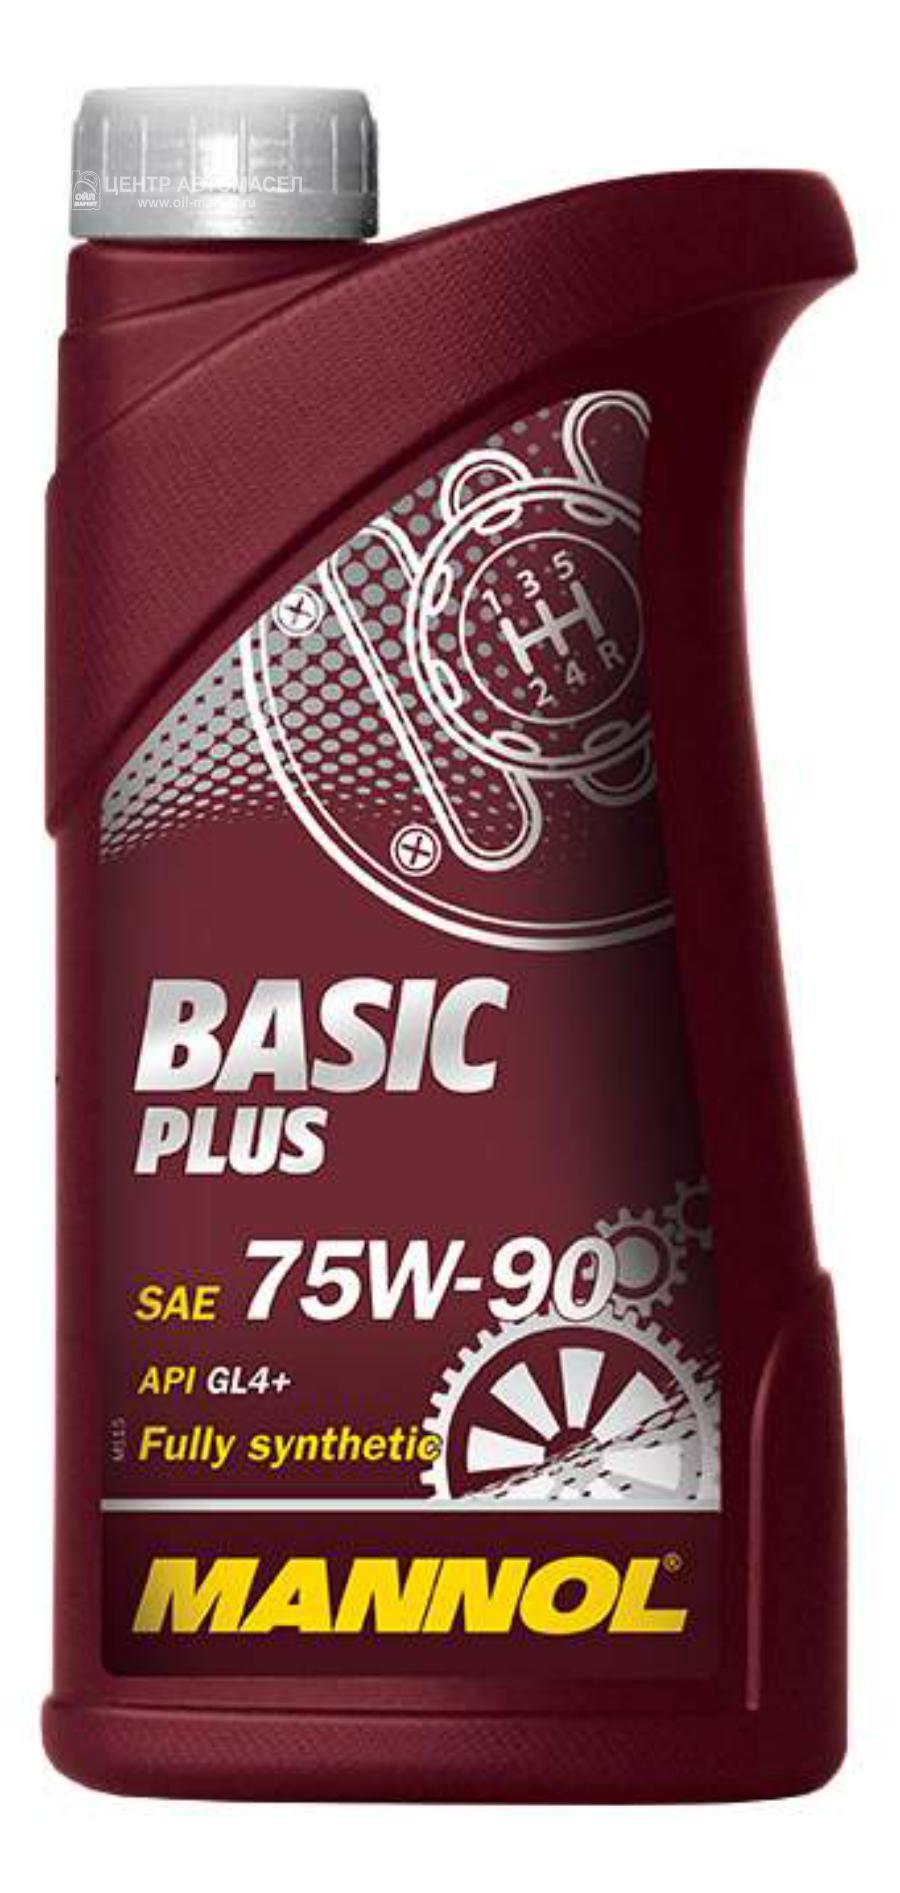 Масло трансмиссионное синтетическое BASIC PLUS 75W-90, 1л